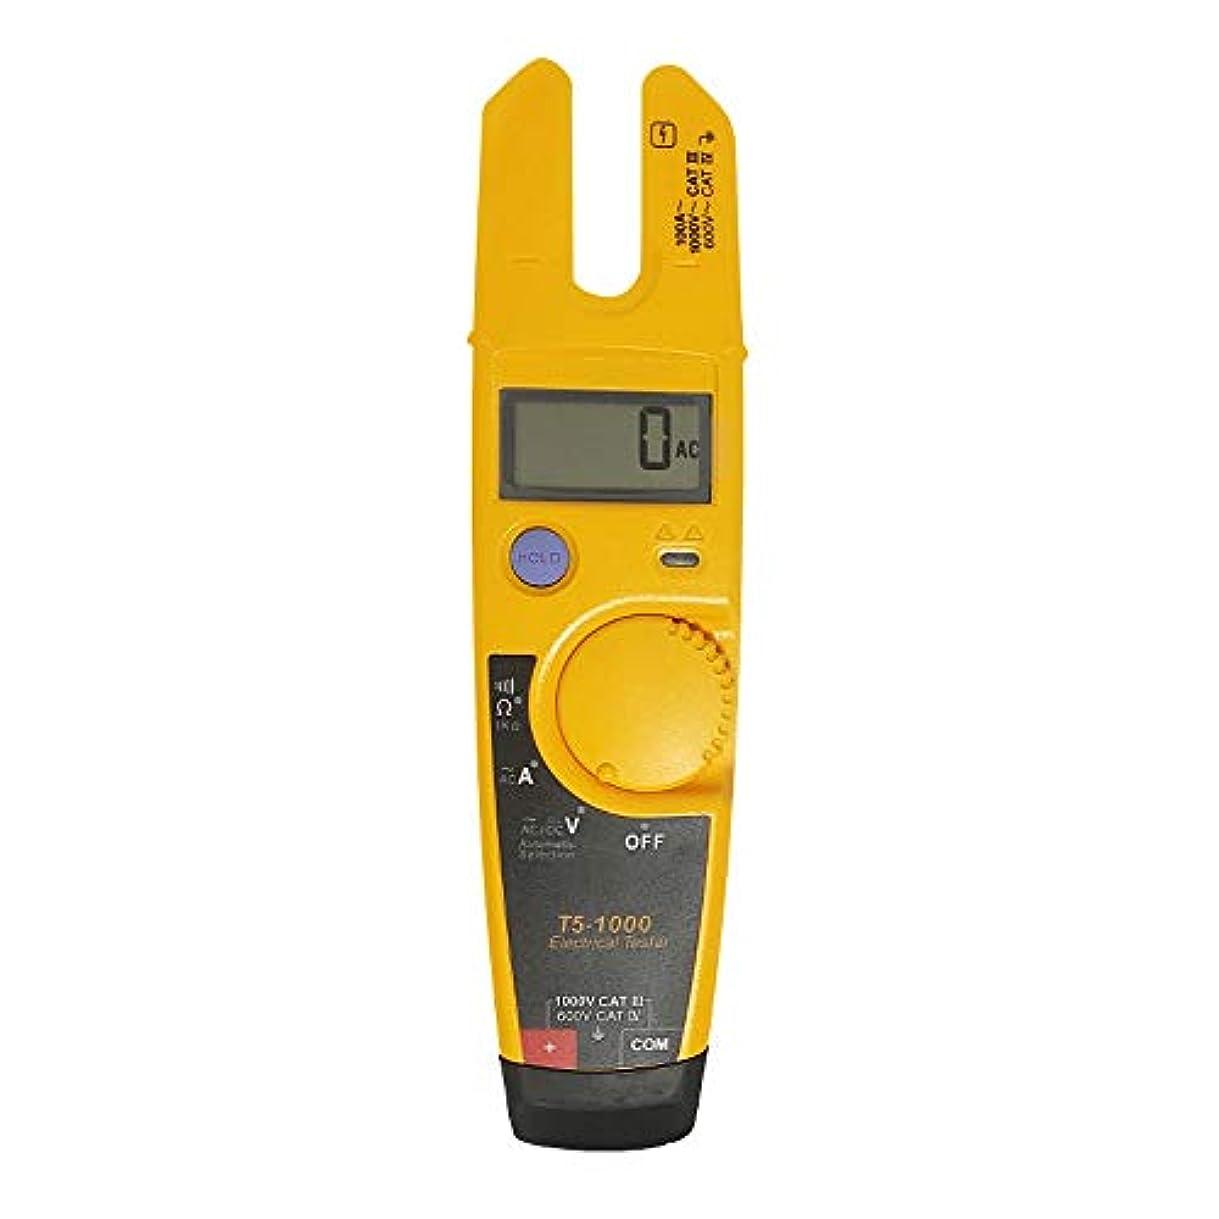 一掃する略語ちょうつがいZHQJP Labloot ソフトケース付き T5-600 クランプメーター 電圧 連続電流 クランプメーター